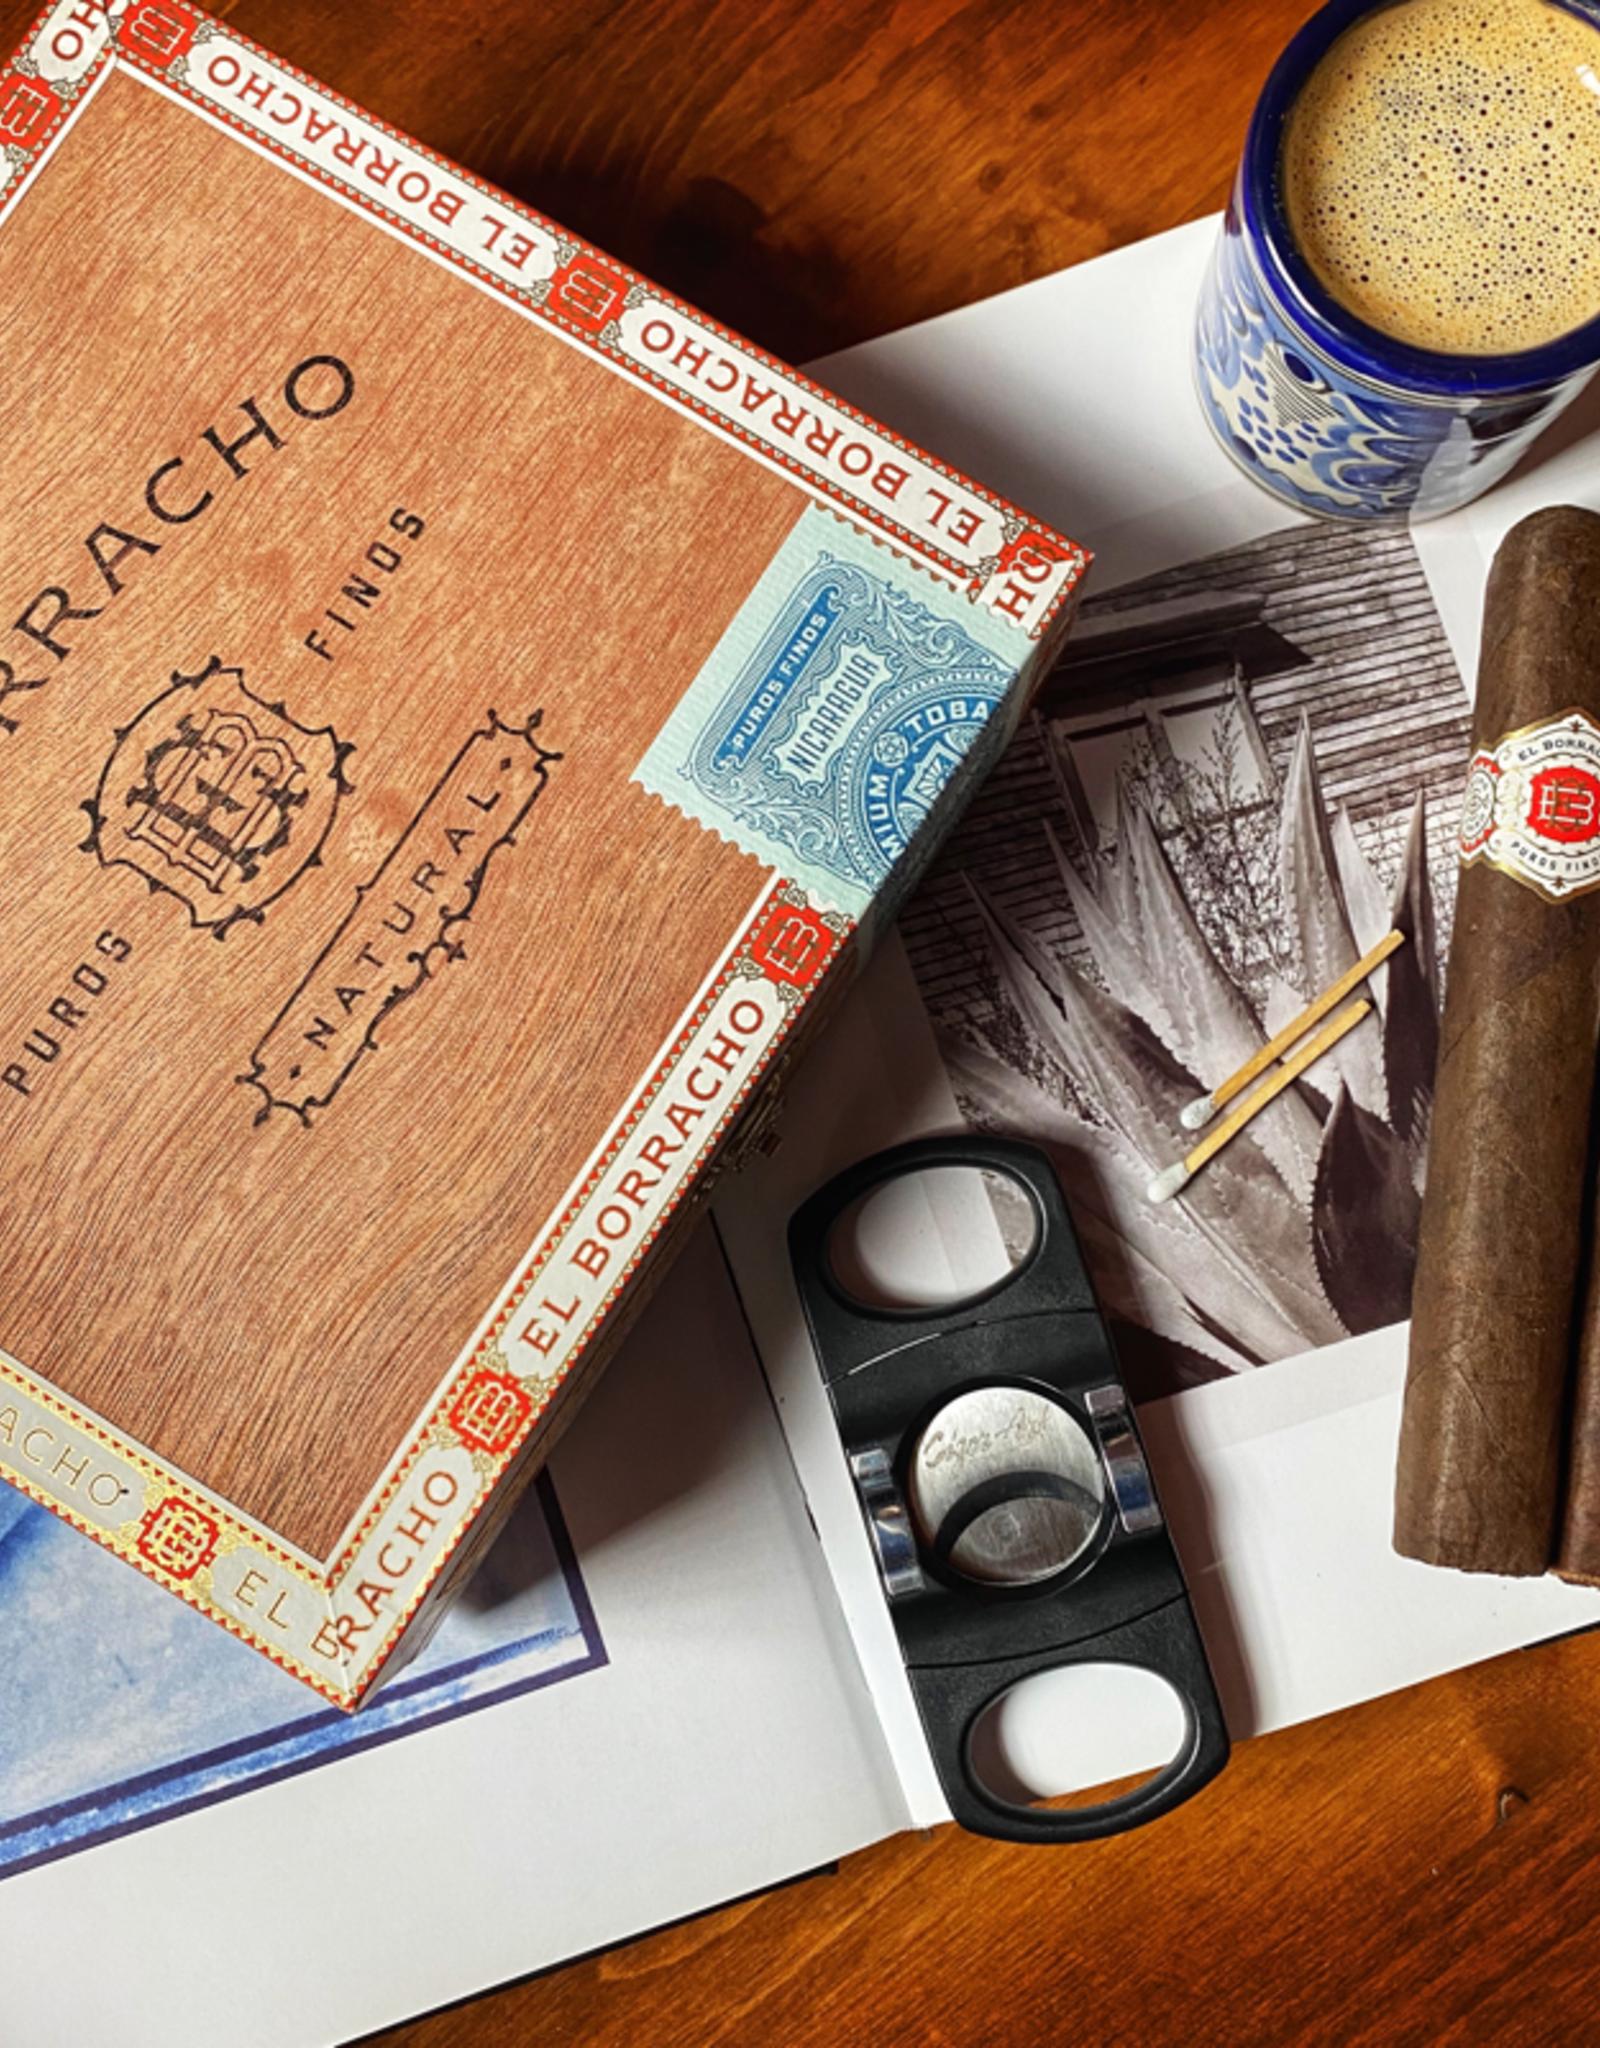 Dapper Cigar Co Dapper El Borracho Natural Robusto 5 x 50